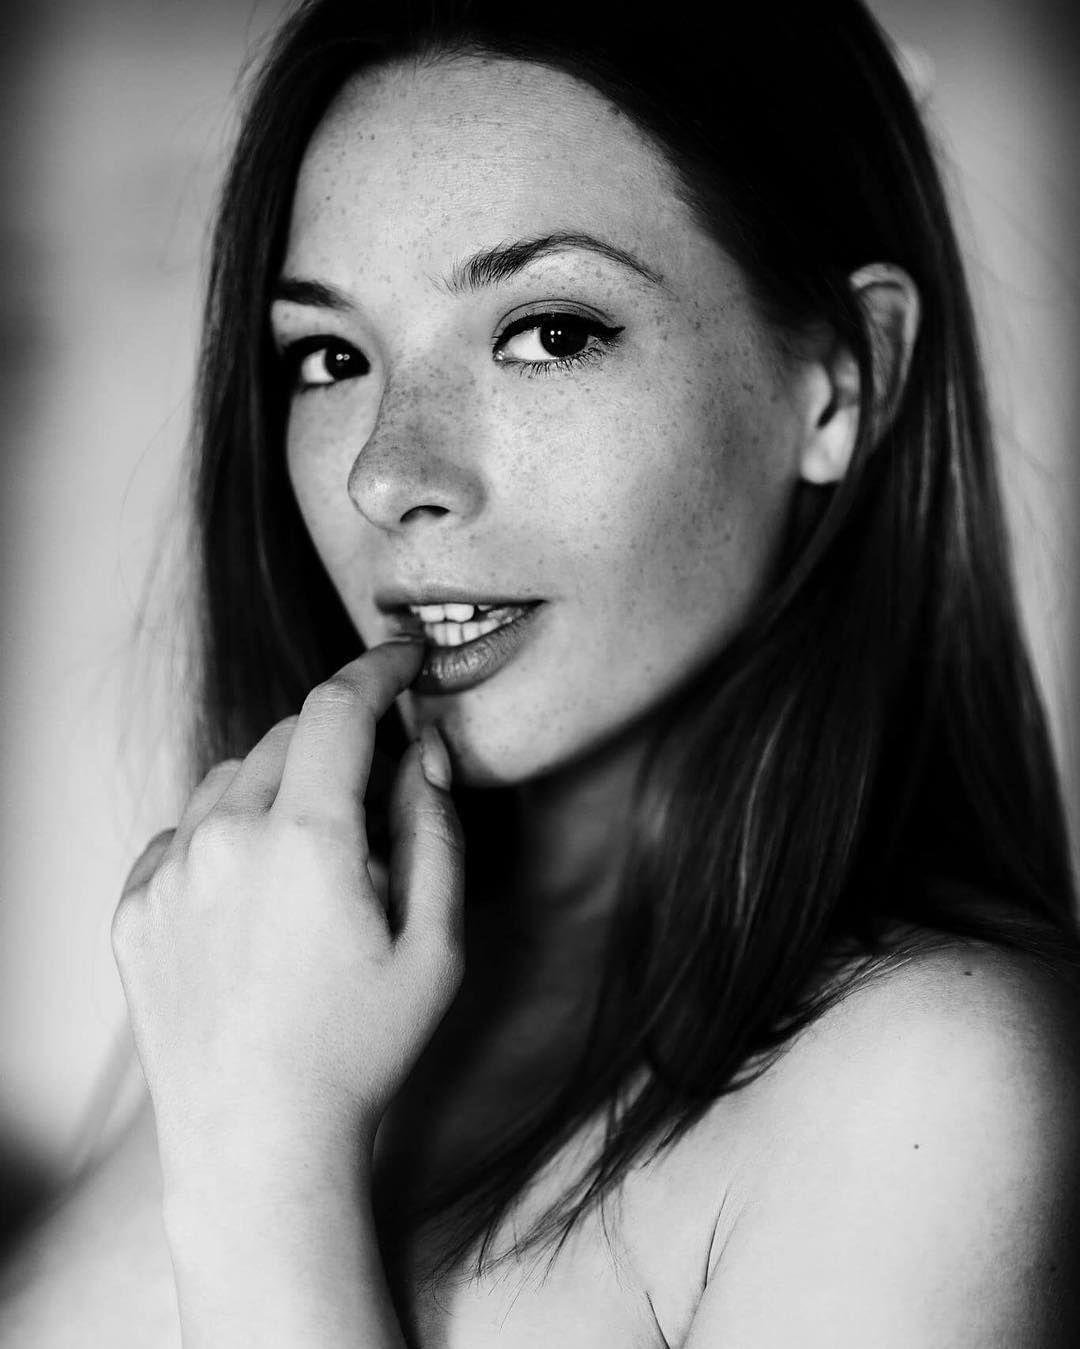 Selfie Olga Kobzar nude (16 foto and video), Topless, Paparazzi, Feet, legs 2019